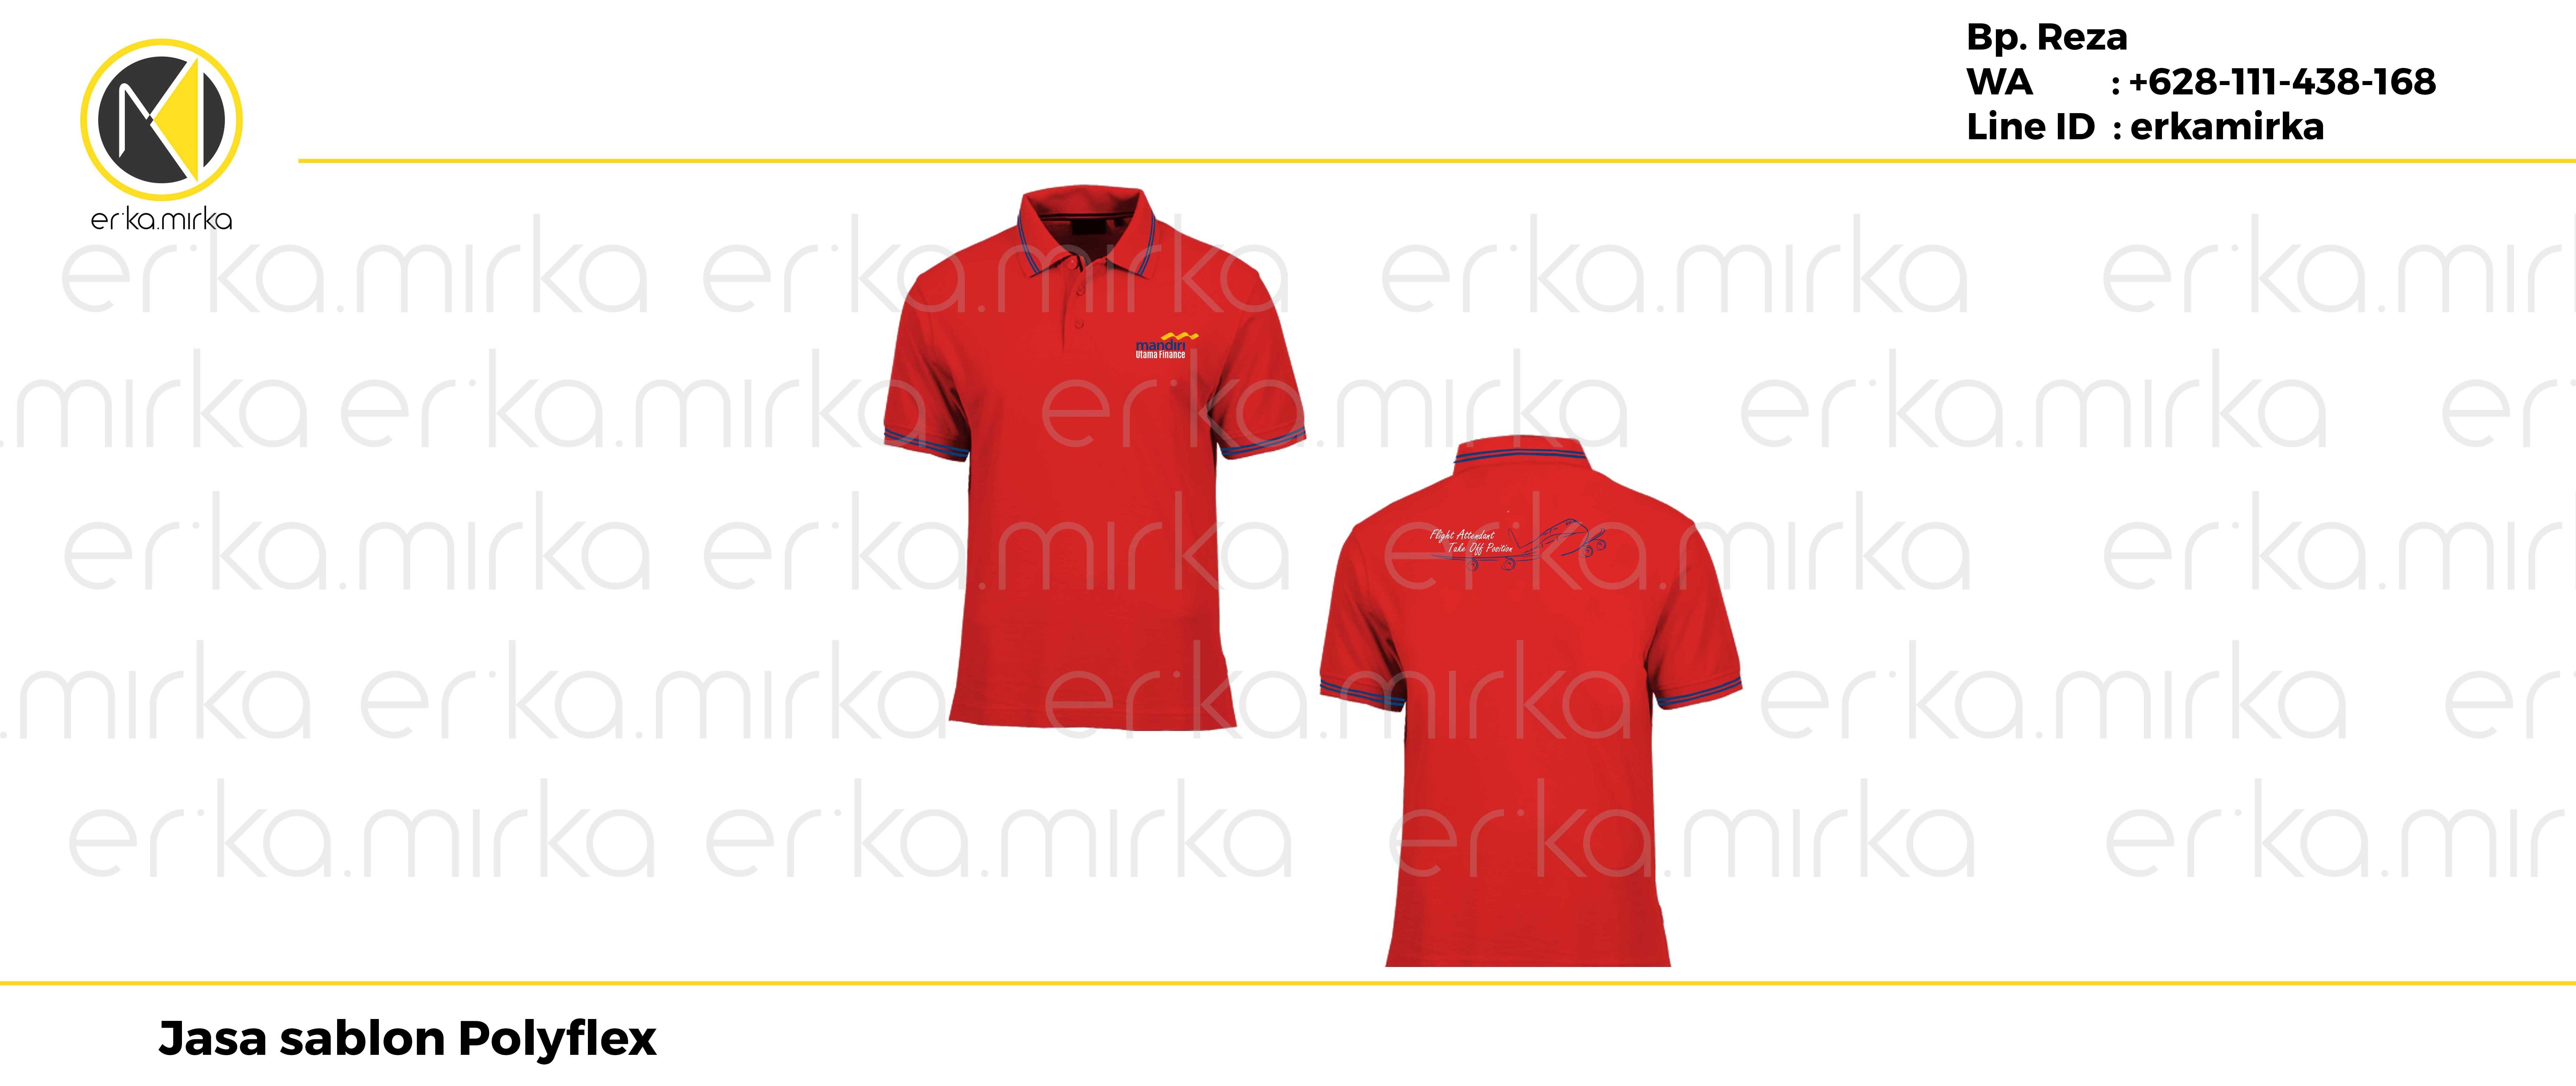 Download Promo 628111 438 168 Wa Call Kaos Sablon Murah Konveksi Sablon Erkamirka Sebagai Apparel Consultant Menjadi Jawaban Teman T Polo Orange Bikins Jakarta